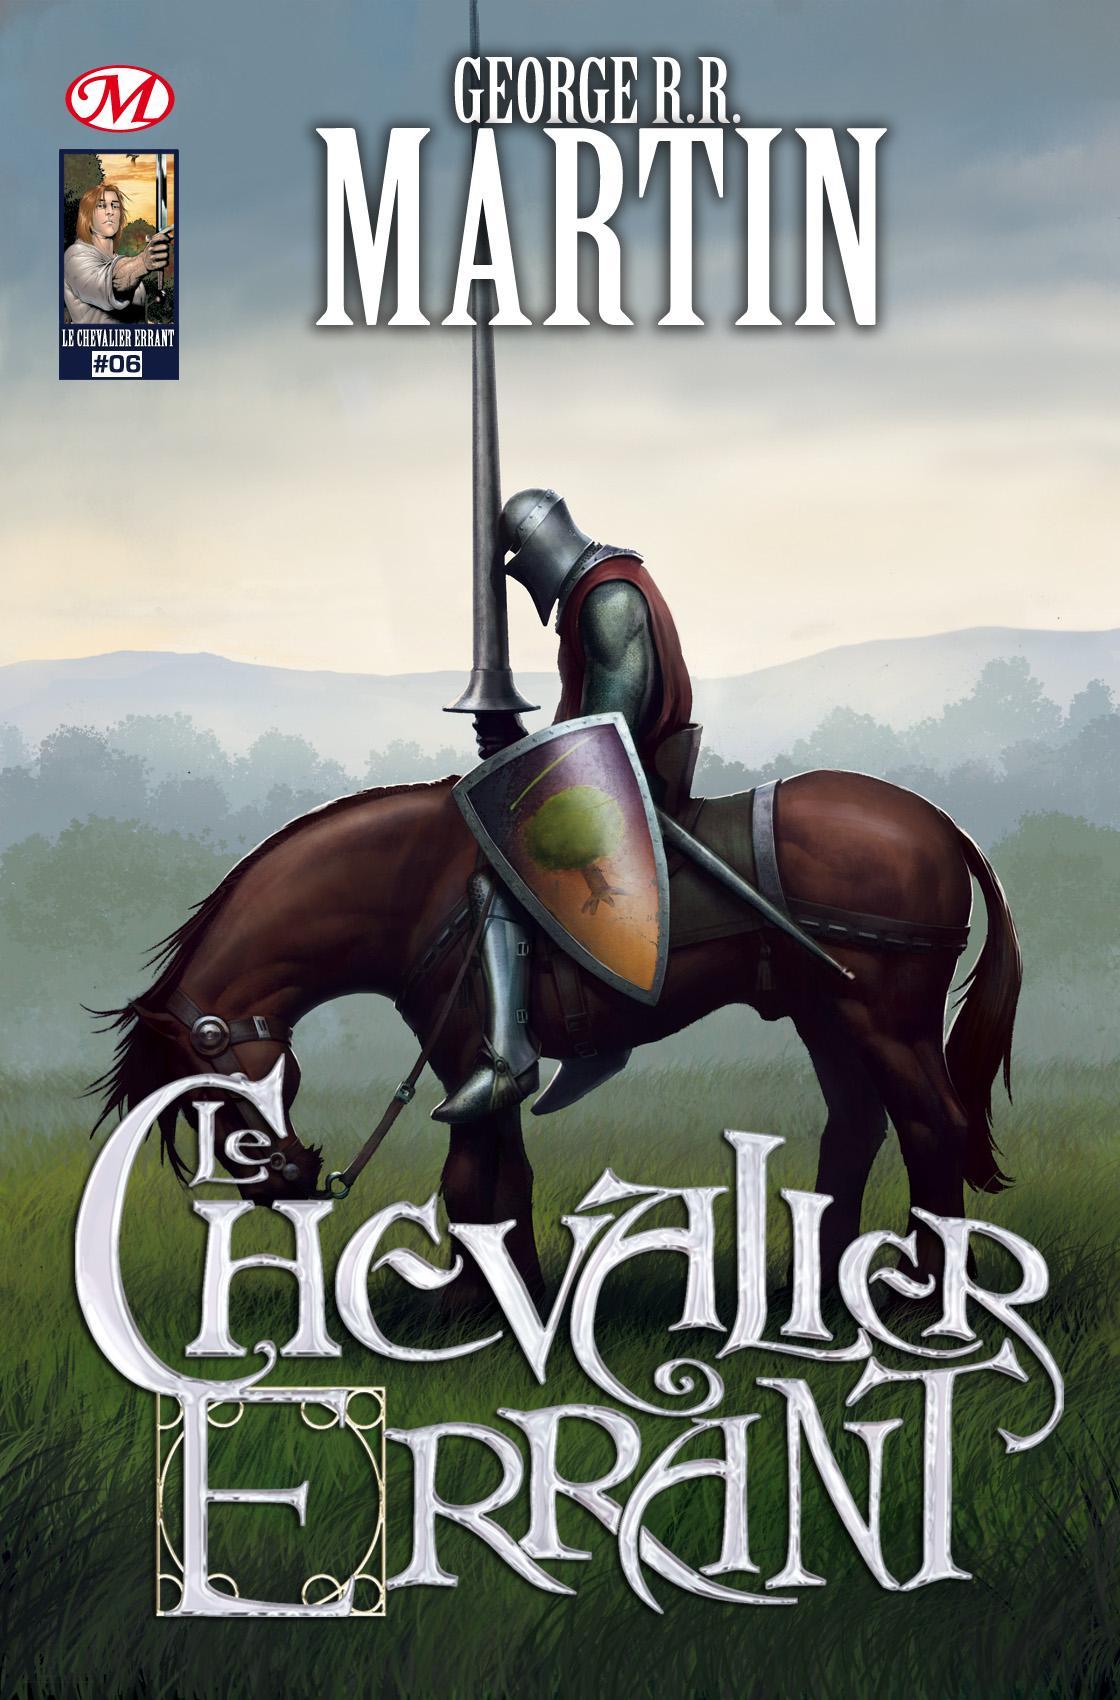 Le Trône de fer : Le Chevalier errant #6, LE TRÔNE DE FER, T0